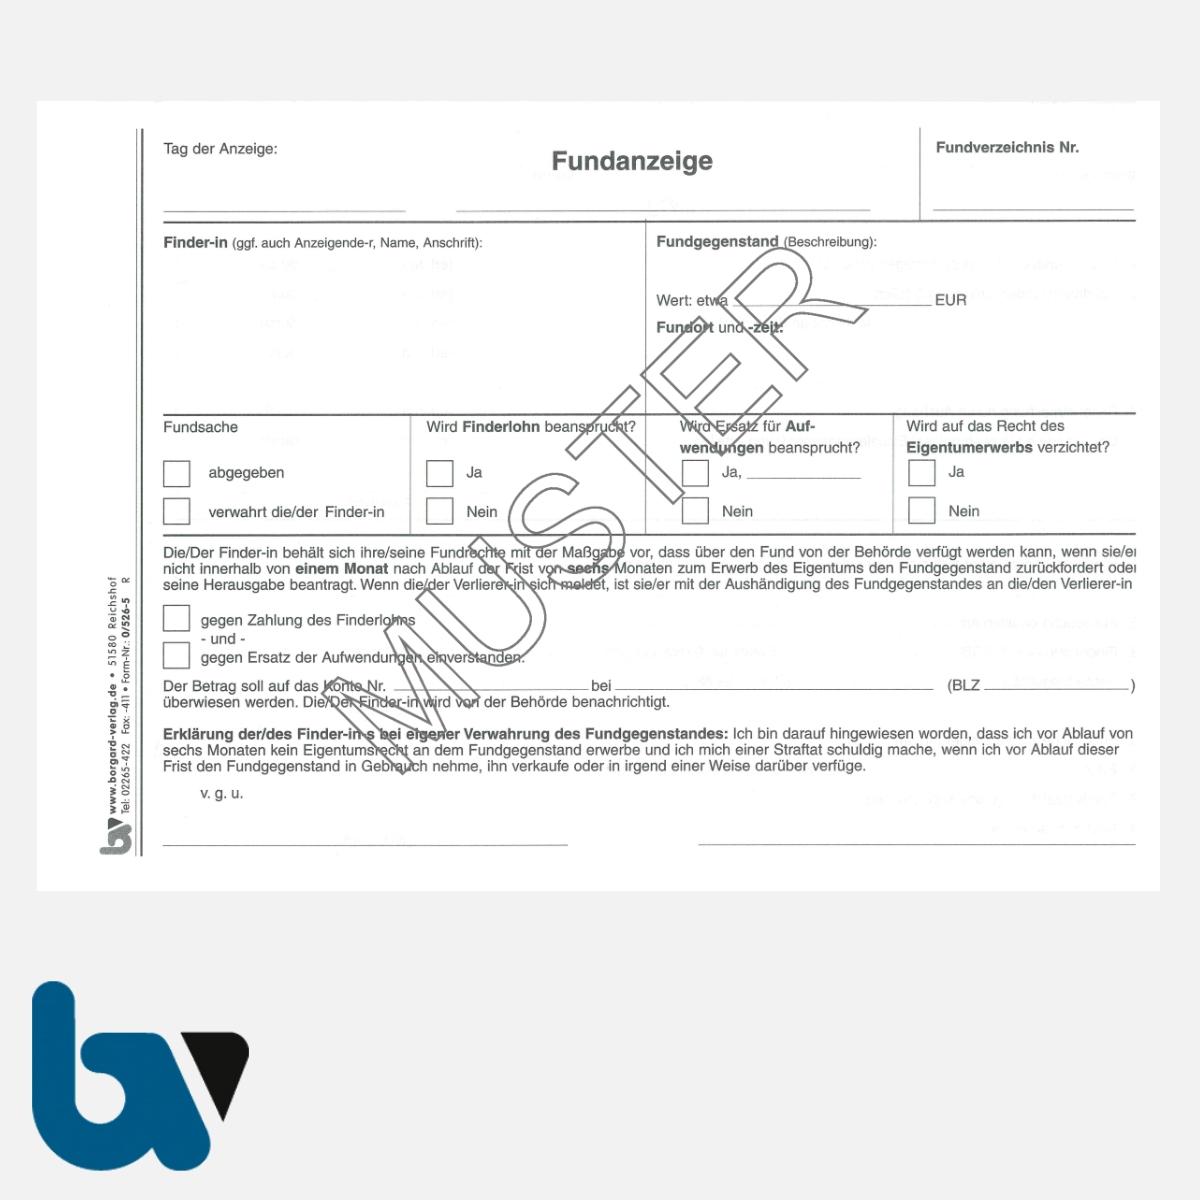 0/526-5 Fundanzeige Fundsache Fundanmeldebescheinigung Finder mit Fundanhänger 3-fach selbstdurchschreibend DIN A5 Seite 1 | Borgard Verlag GmbH